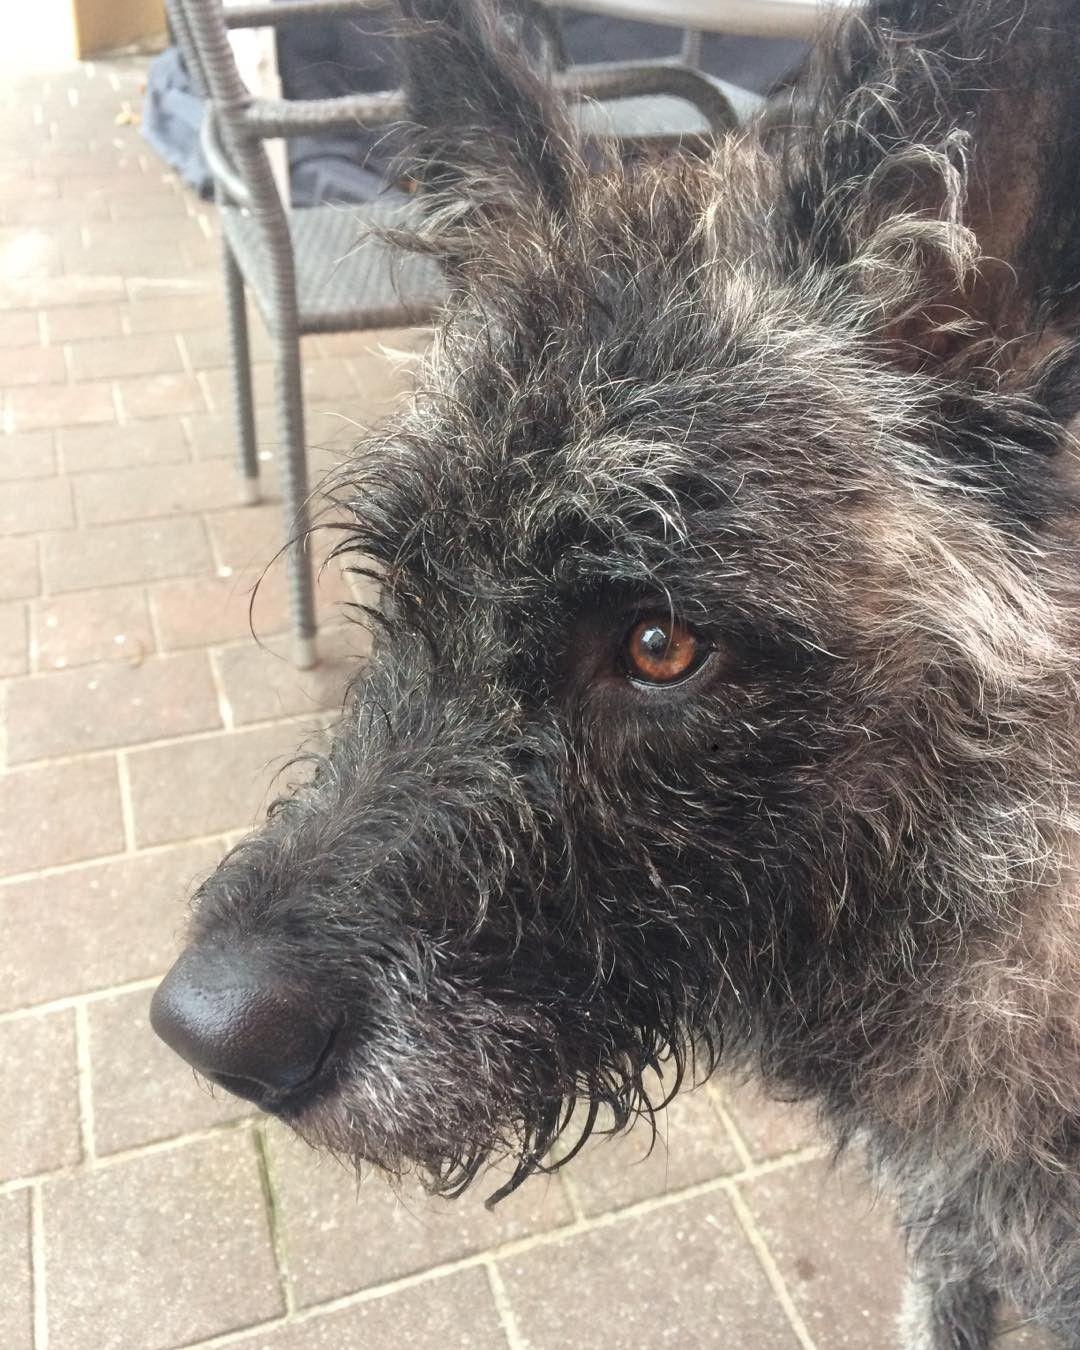 #Duke #Hollandseherder #Herder #dogs #dog #cute #welpe #11month #der_dukie  #holländischerschäferhund #dogsofinstagramsg #dogsofinstagram #workingdog #dutchshepard #friends #dogtraining #Hollandseherder #herdershond #doglife #dogs #meinkleinerwolf#usedom